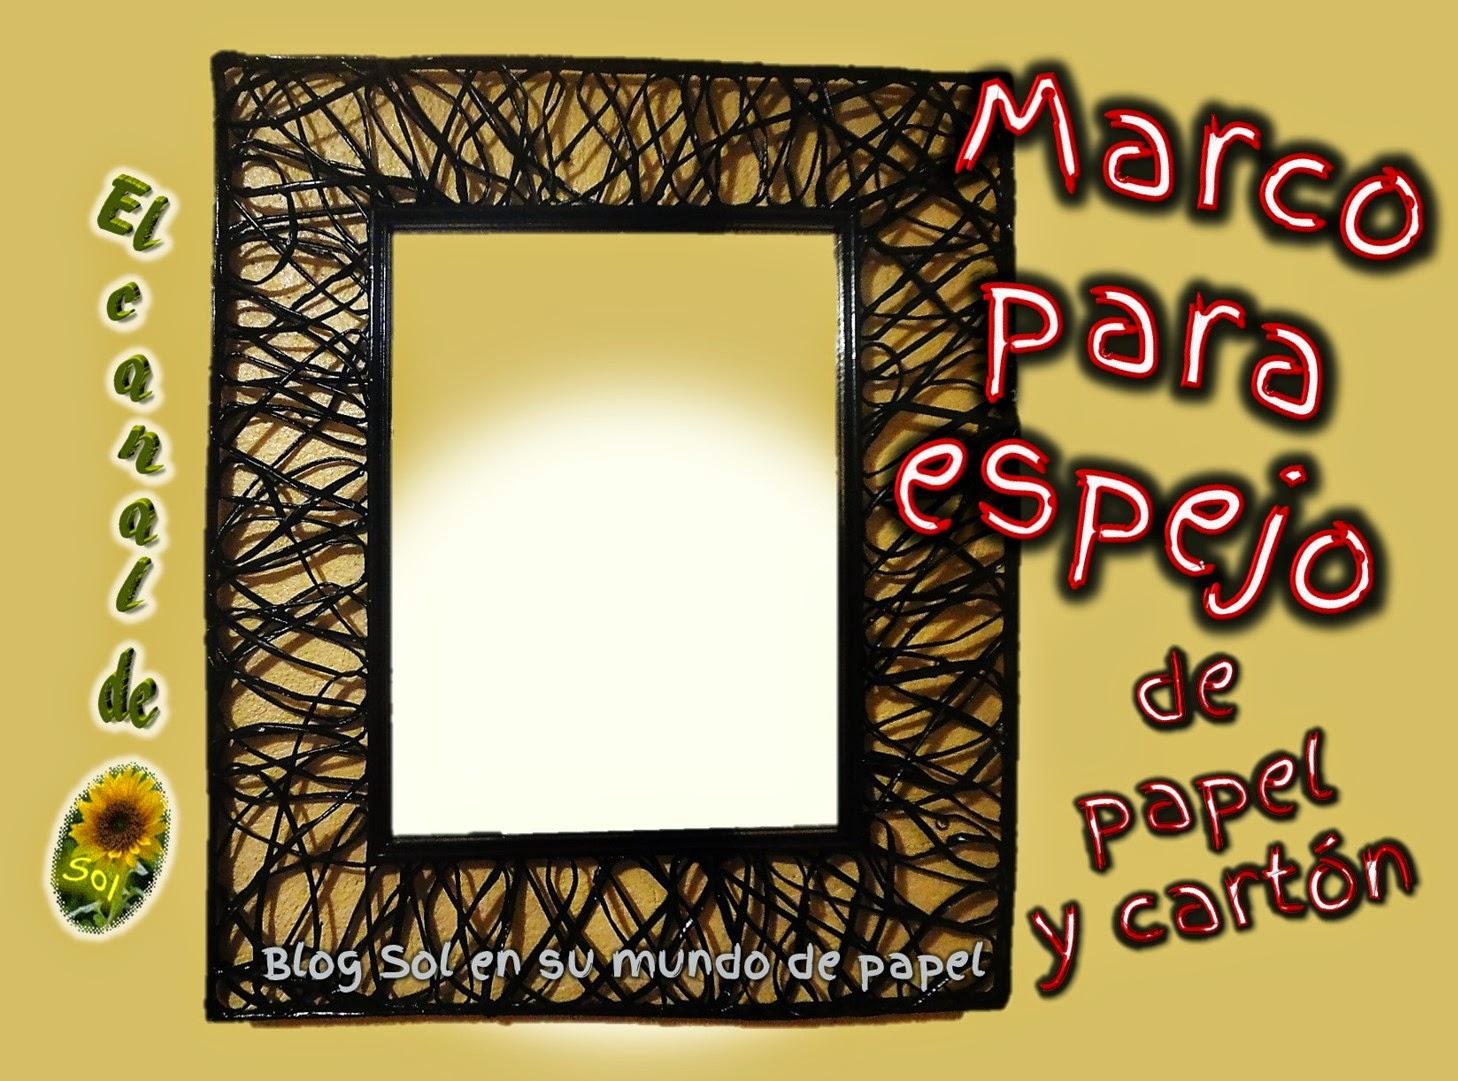 MARCO PARA ESPEJO DE PAPEL Y CARTÓN